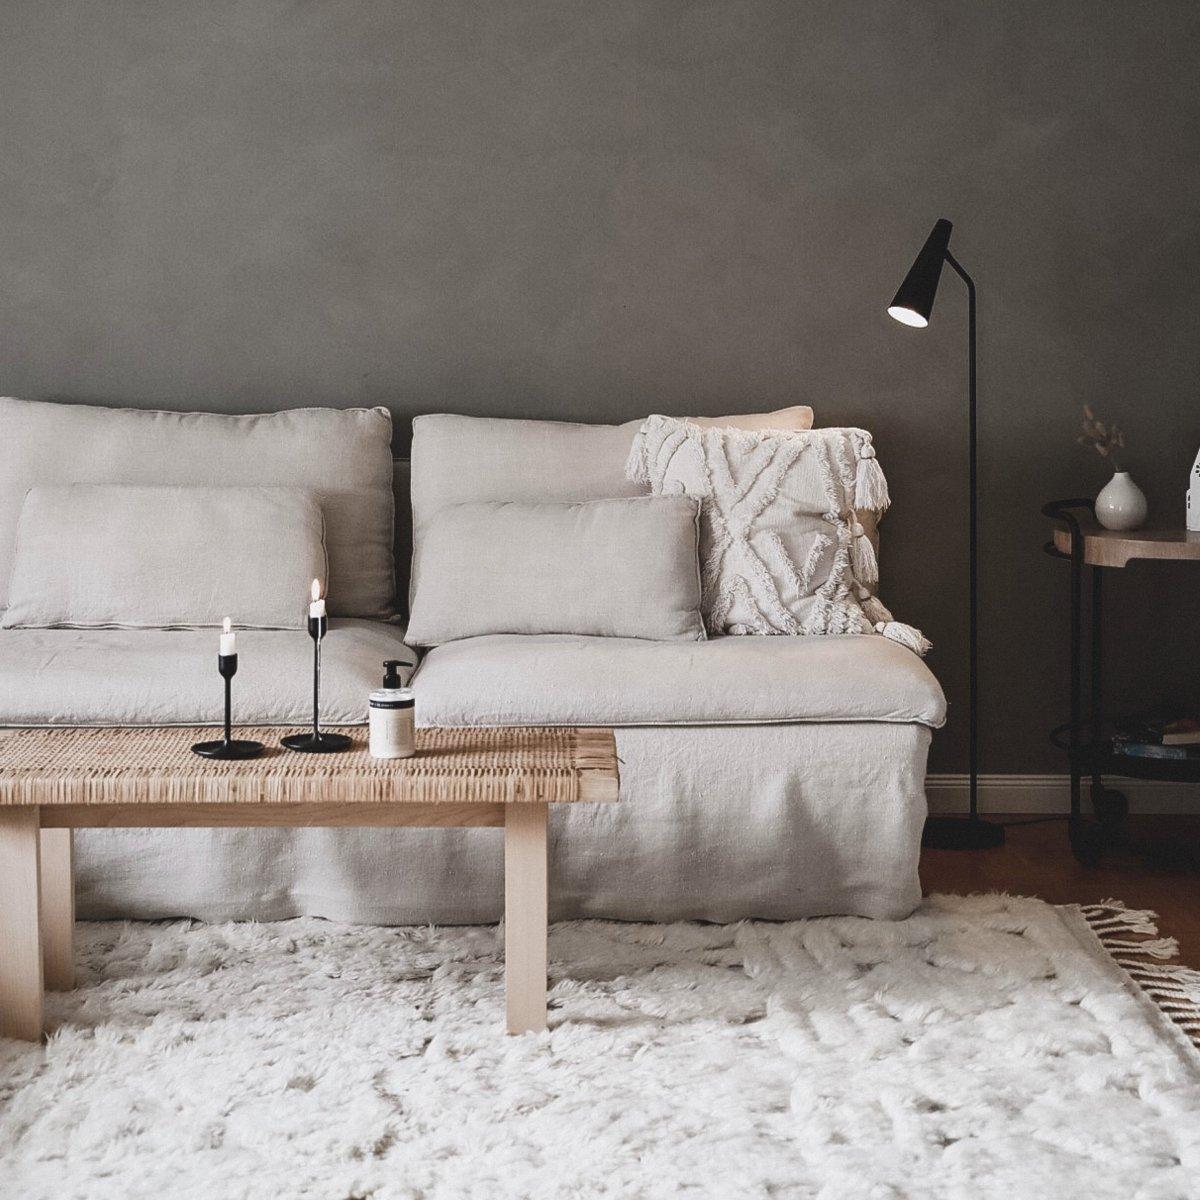 Matta, Classic Collection. Casablanca, White